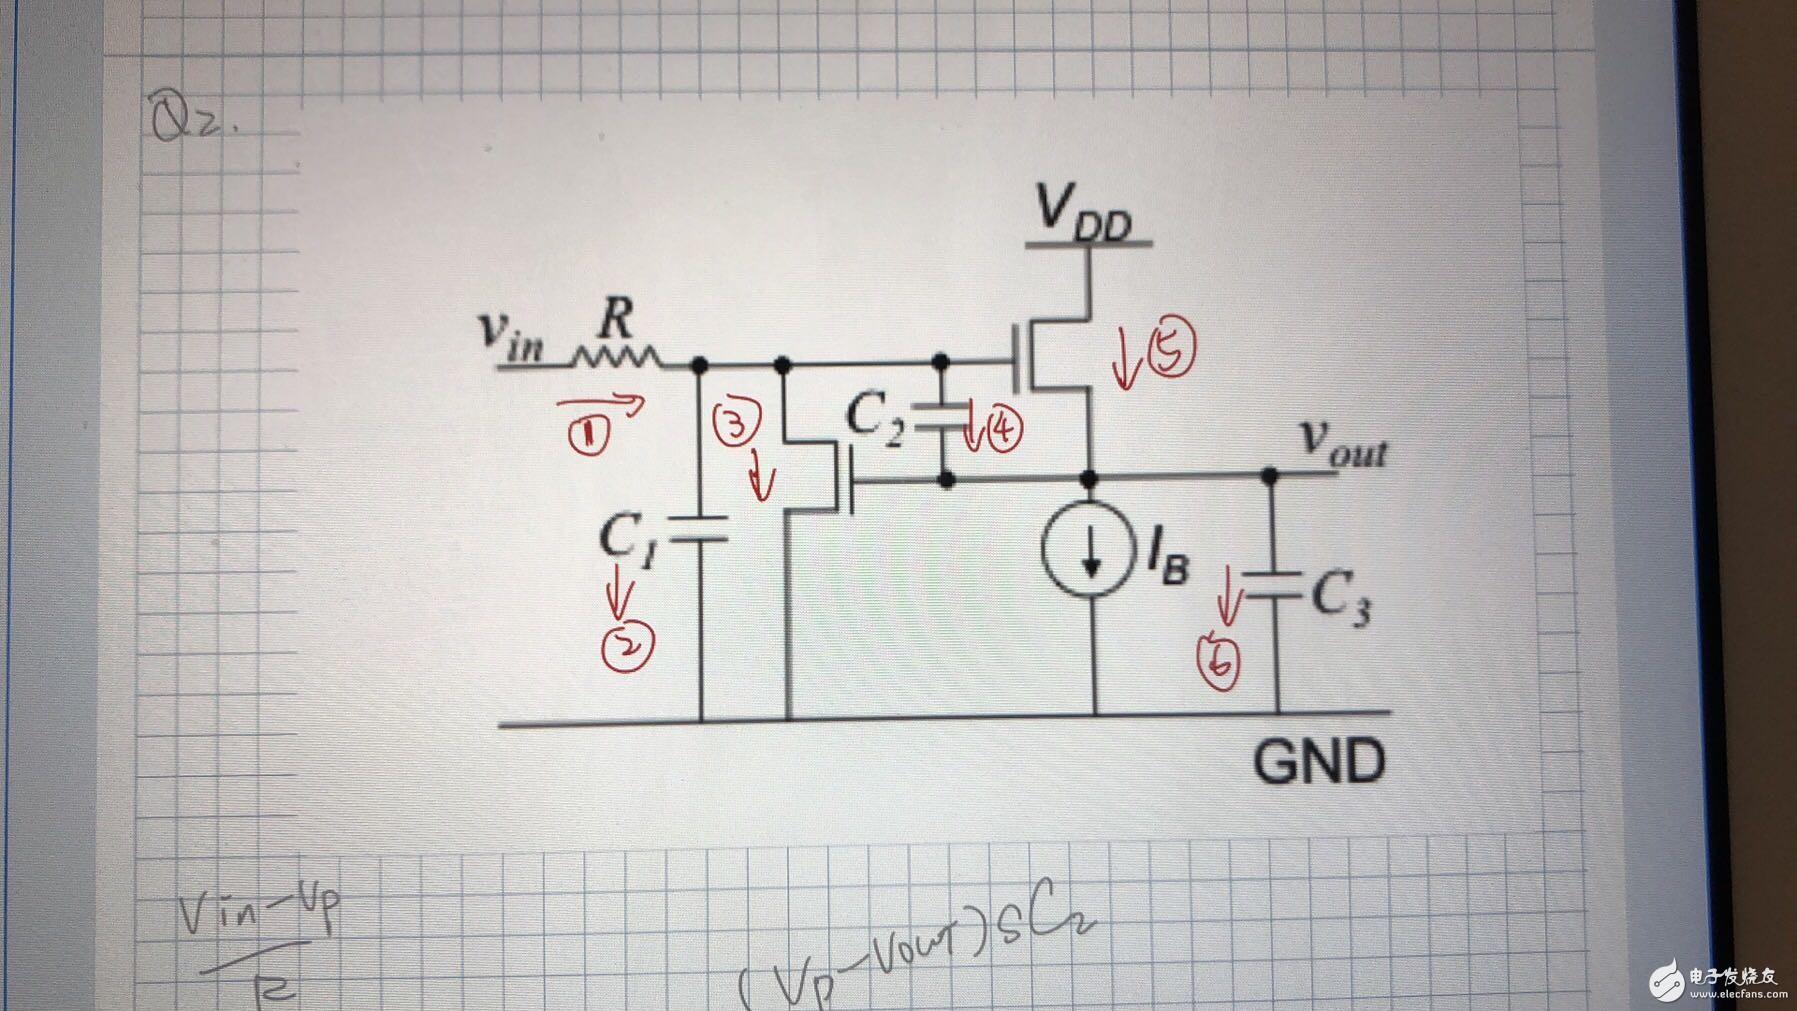 請幫忙講解一下這6個電流的關系表達,謝謝!